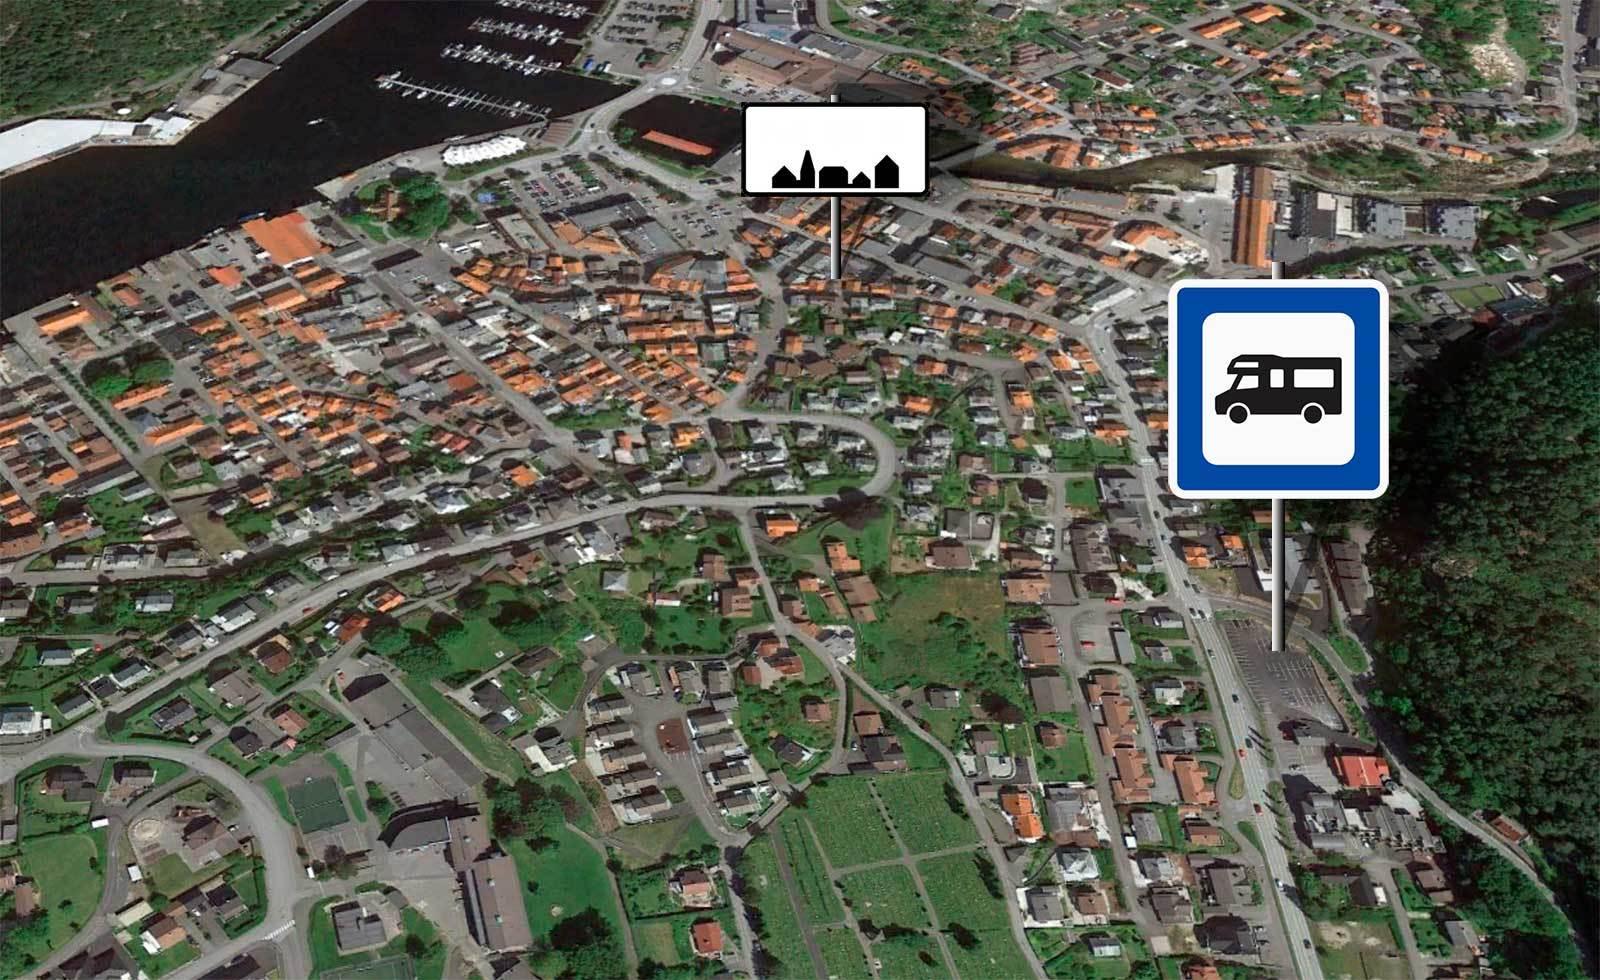 Bobilparkering i Årstadalen og Egersund